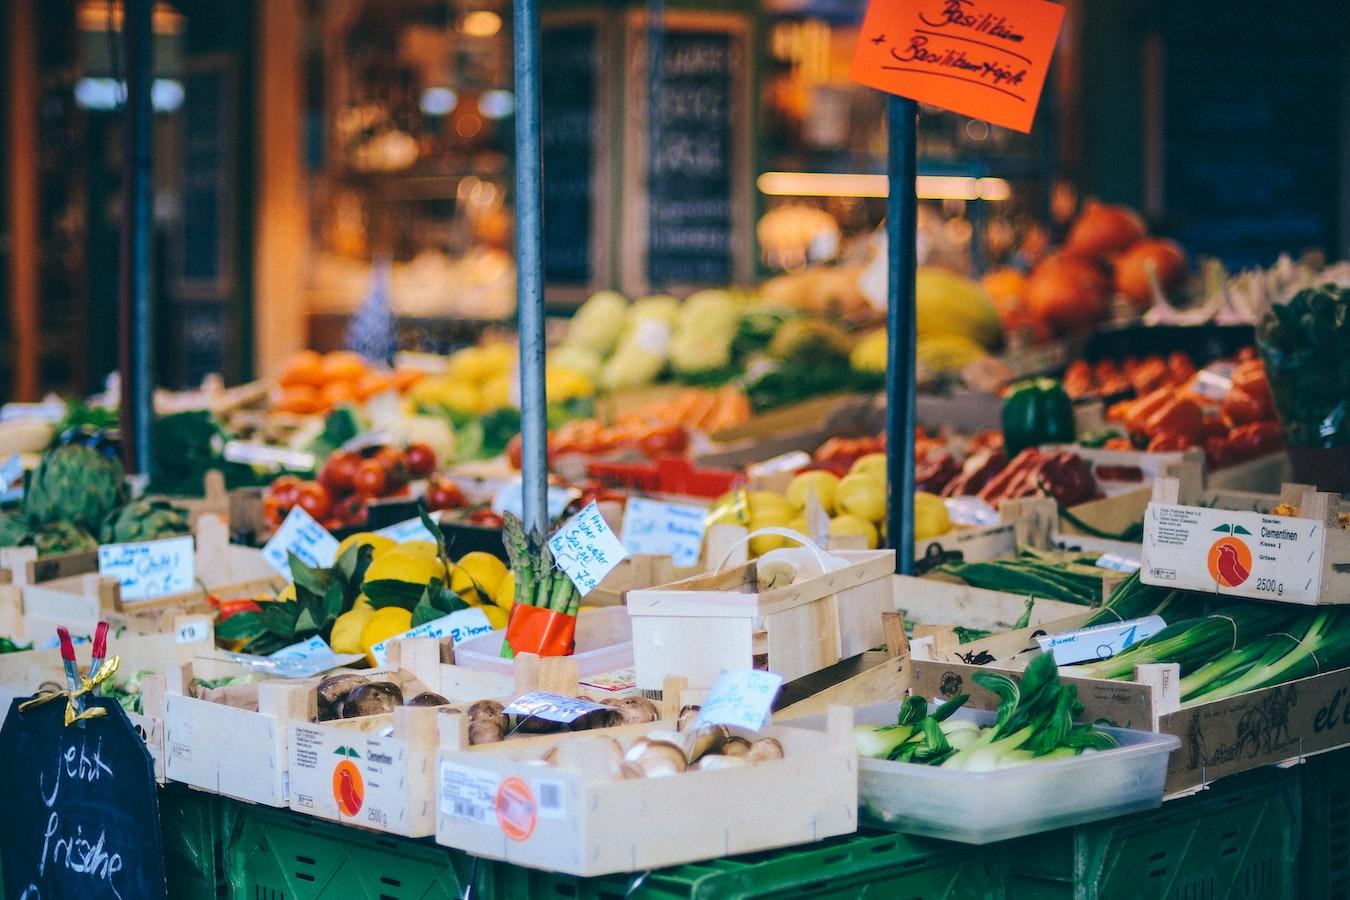 Bunter Gemüsestand auf einem Wochenmarkt